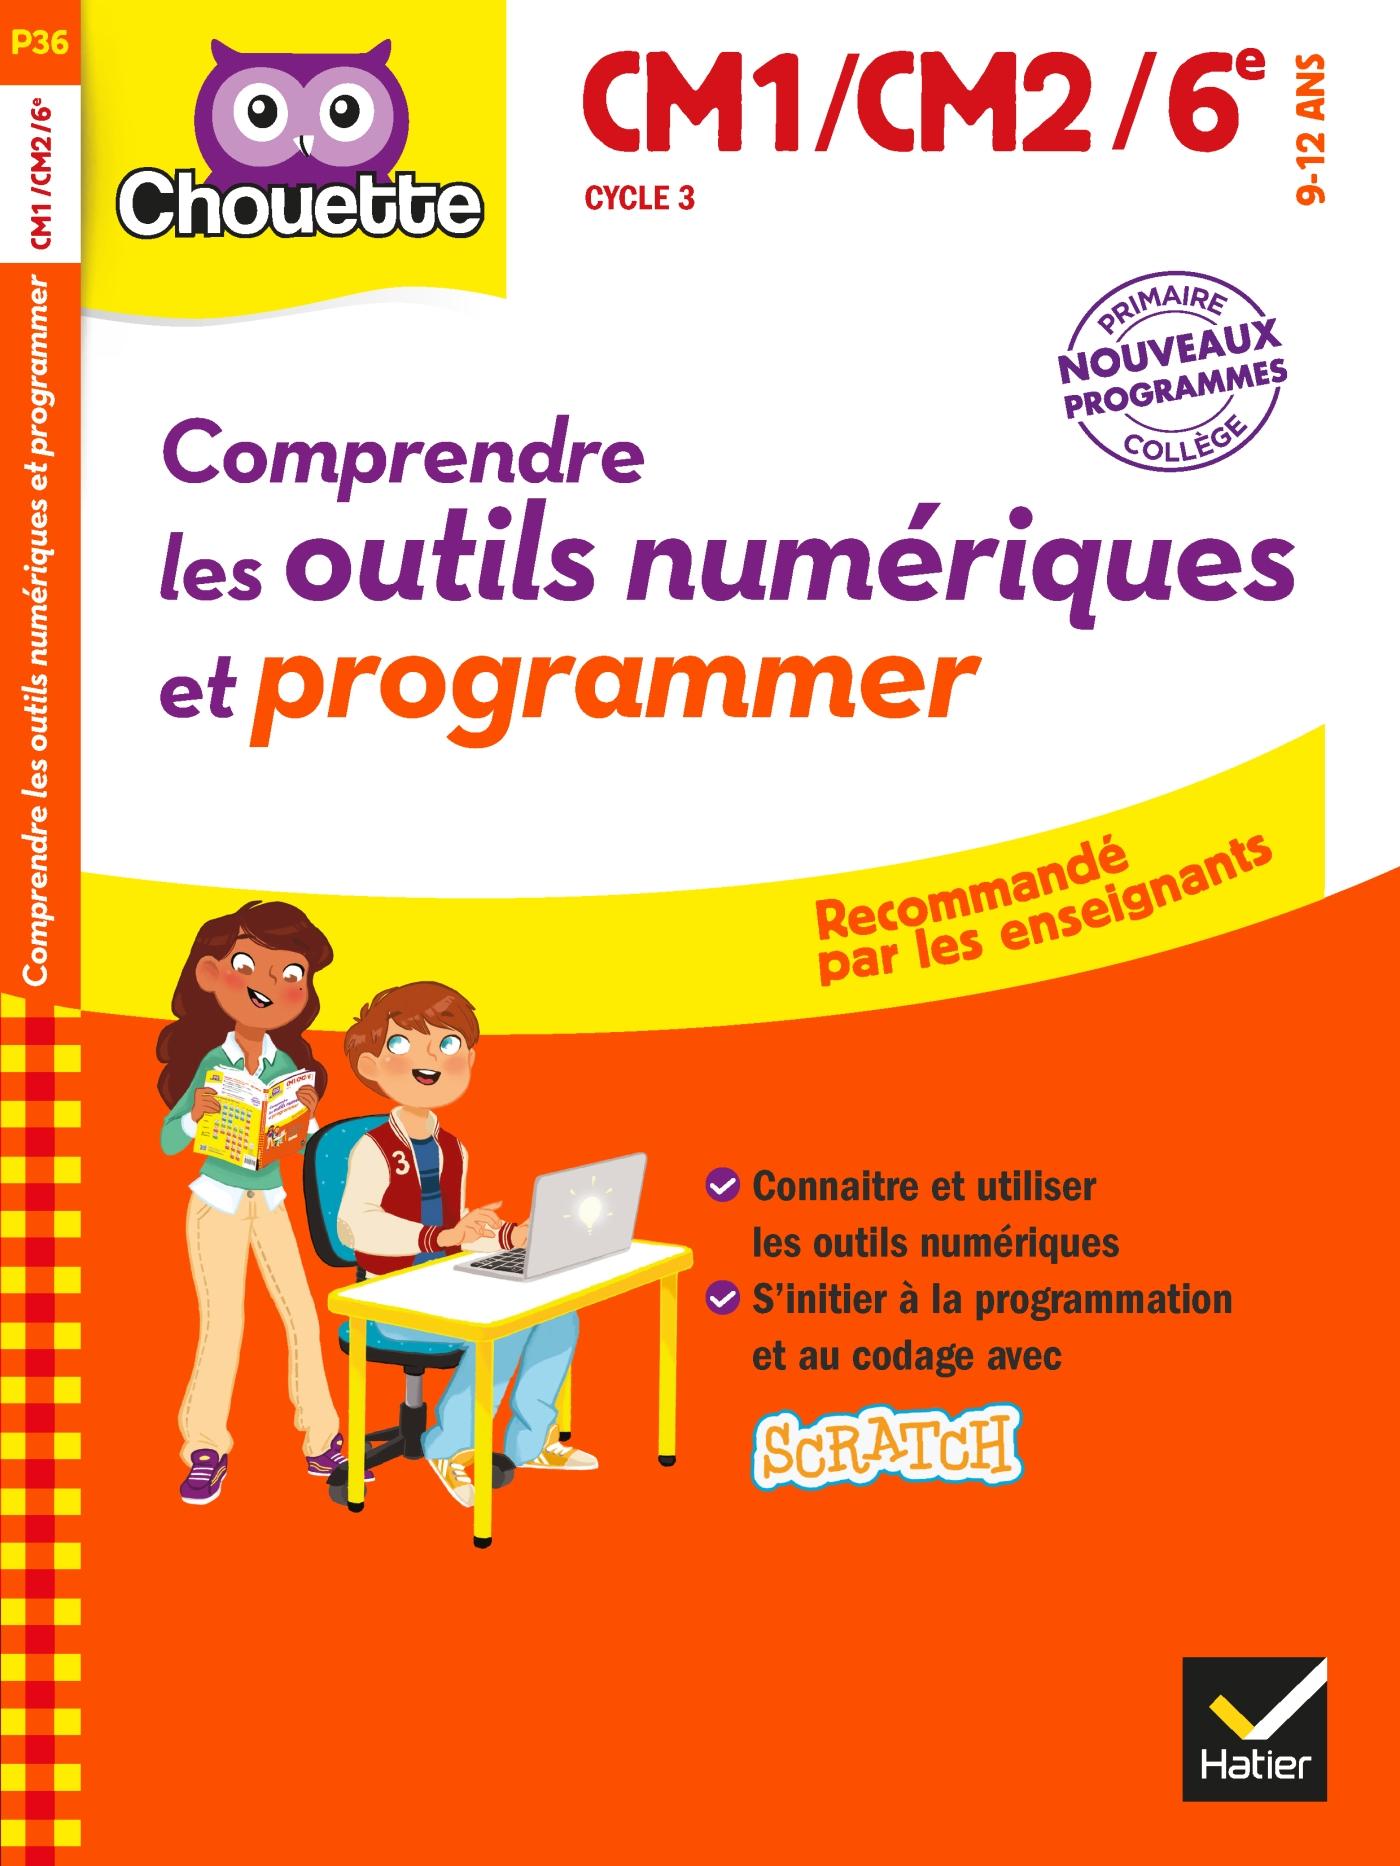 Comprendre les outils numériques et programmer